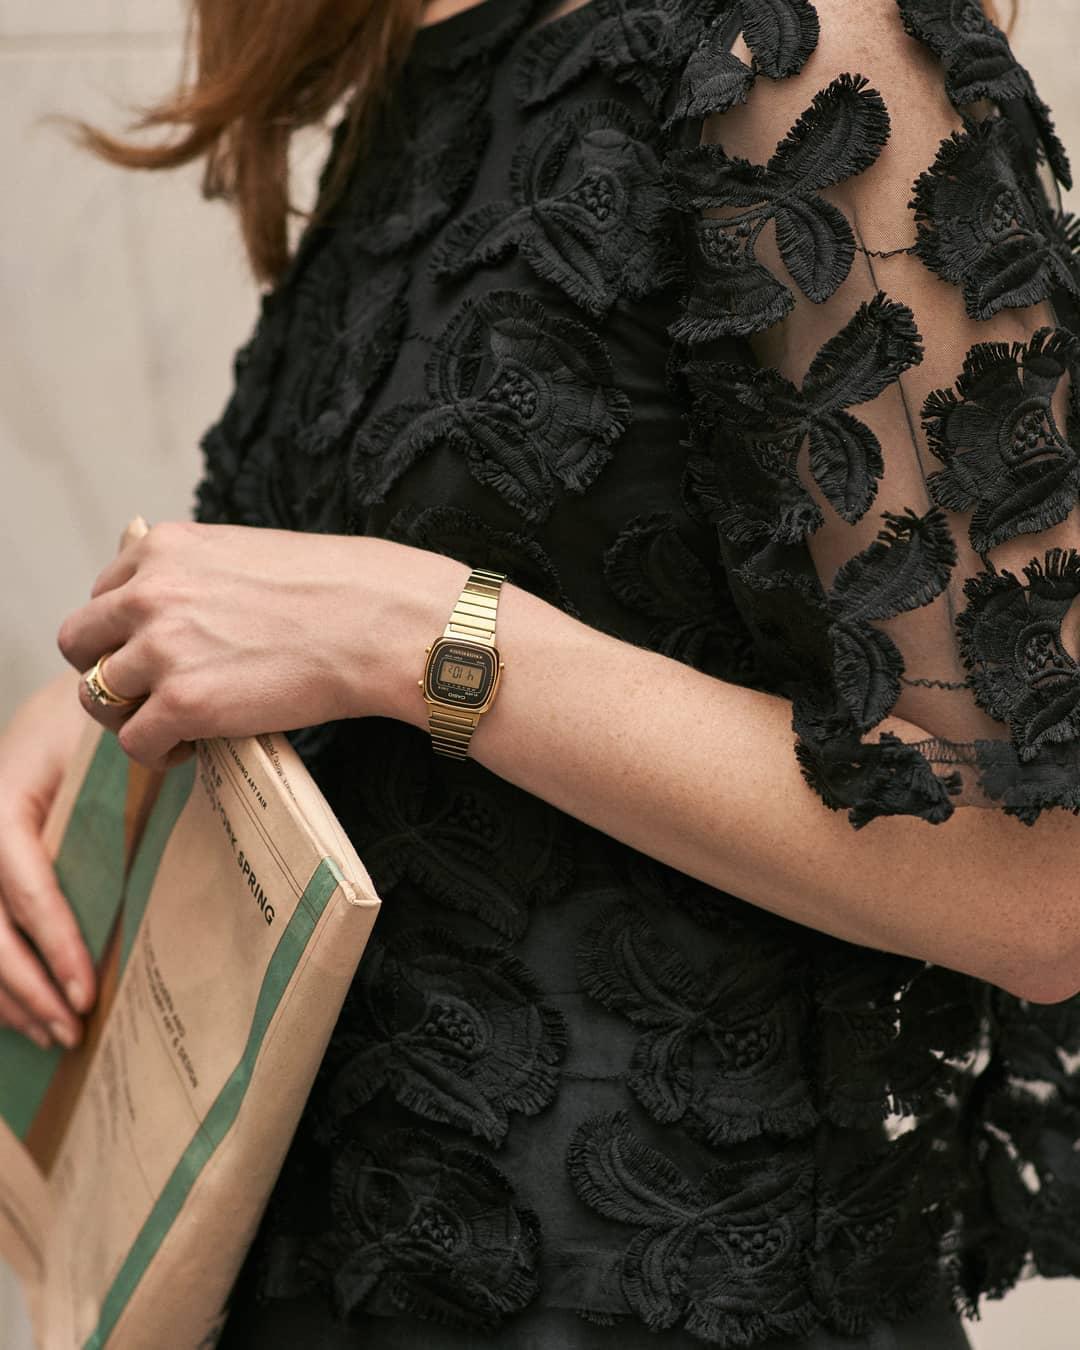 casiowatch colourpalette minimalism portrait kensington editorial fashion charityshophaul